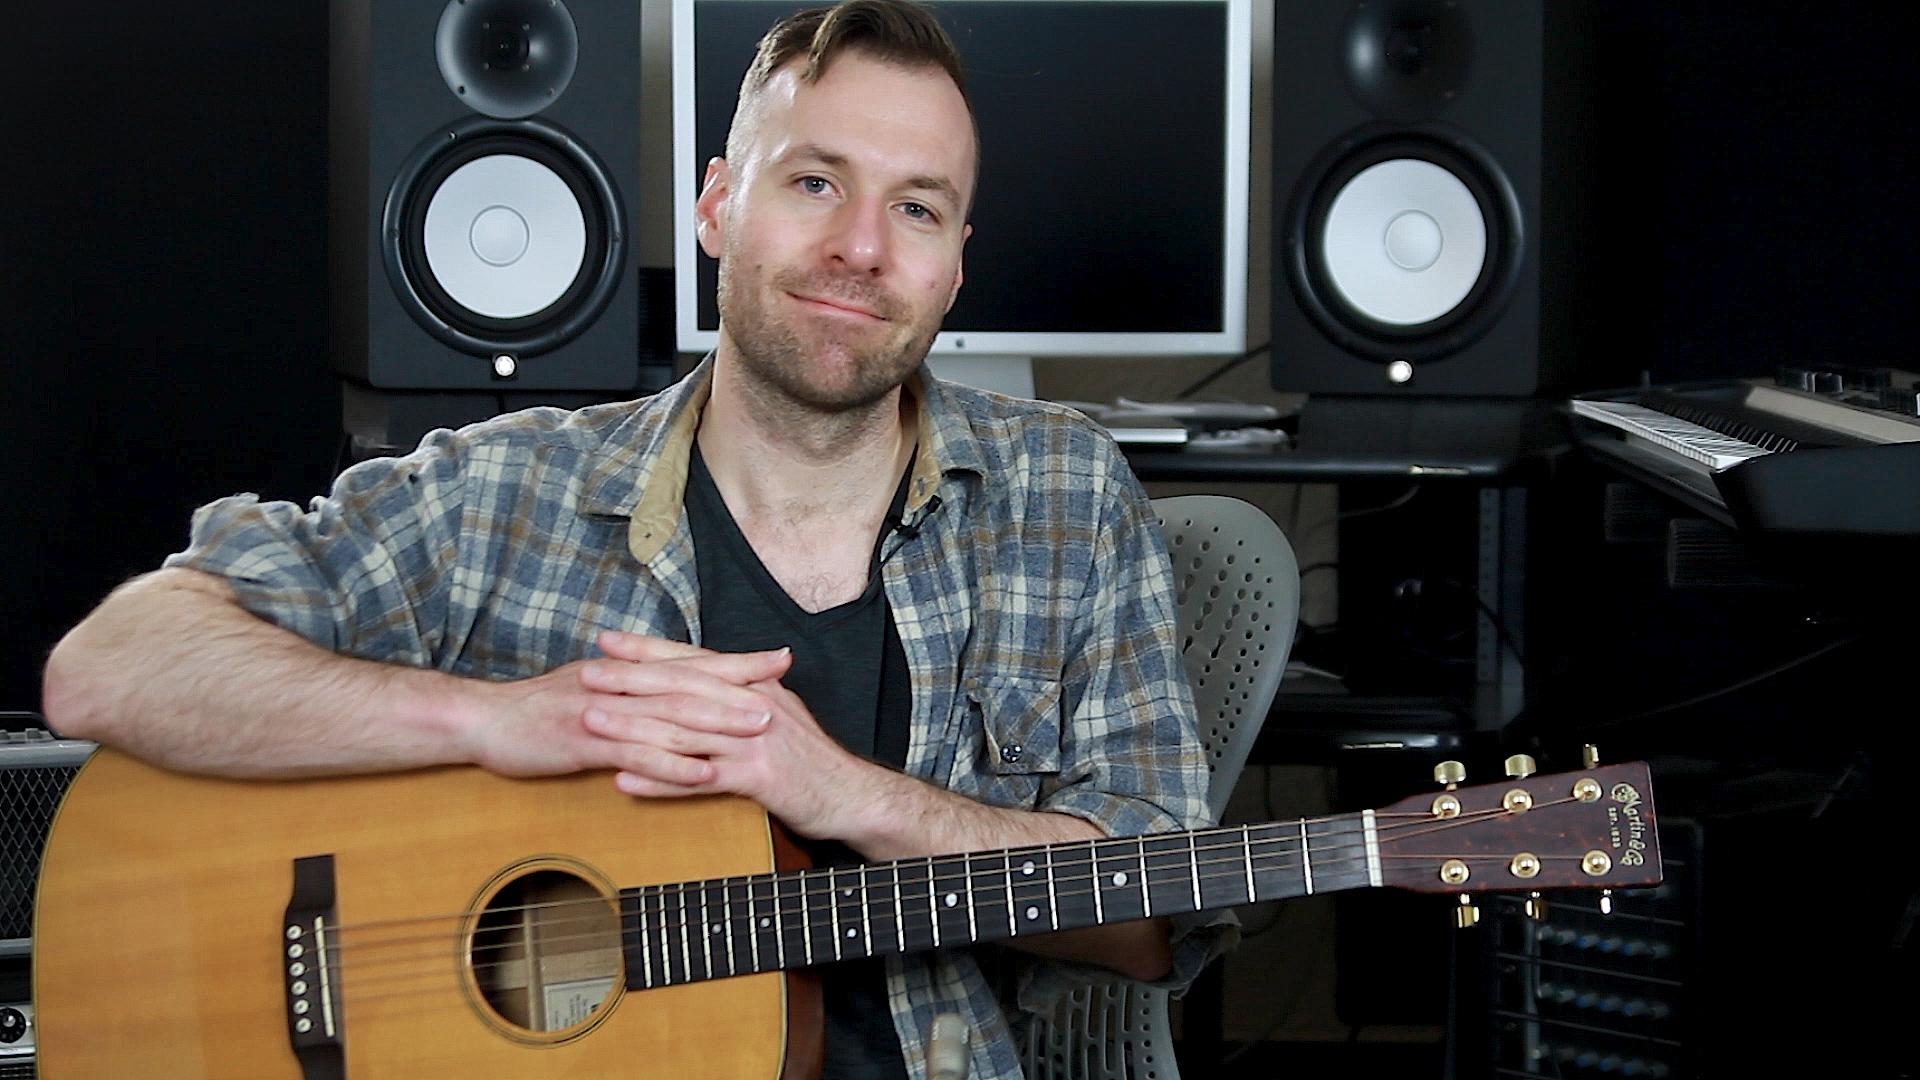 Jared Borkowski home studio